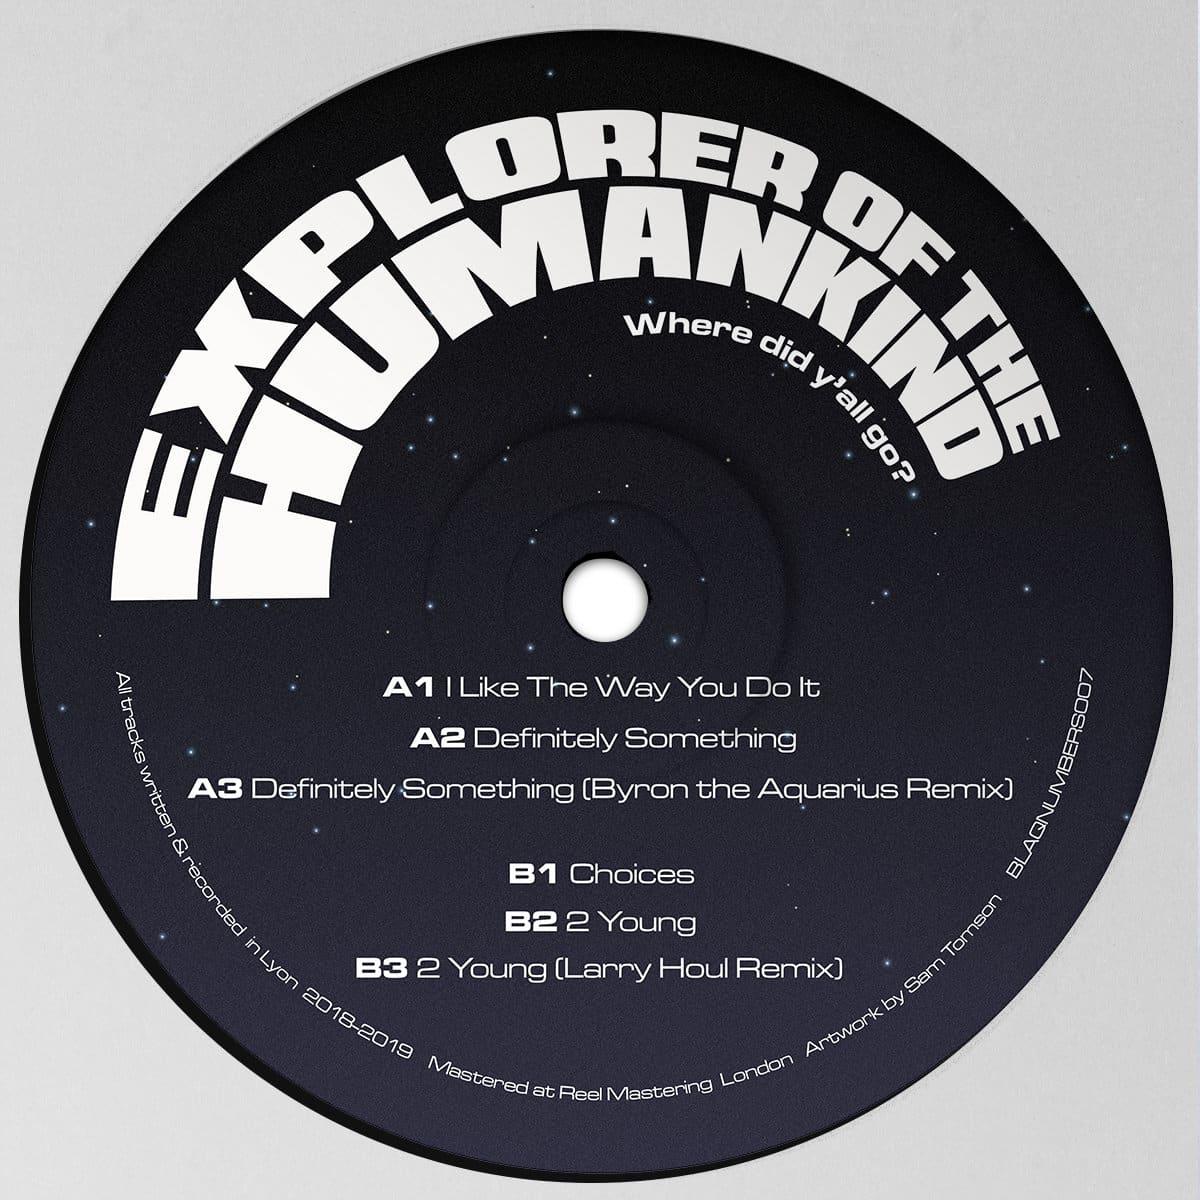 Explorer Of The Humankind - Where Did Ya'll Go